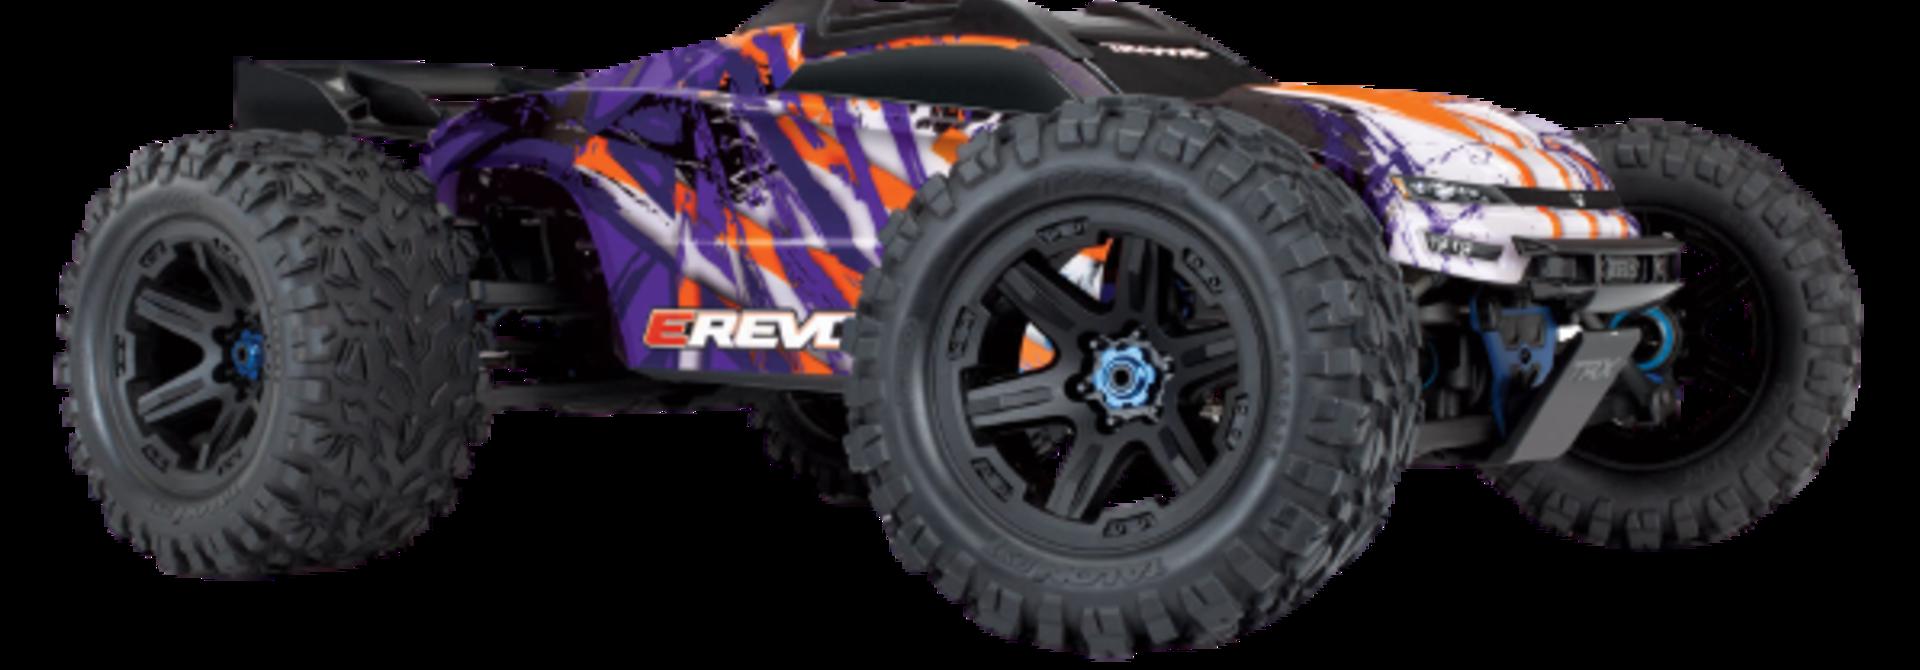 Traxxas E-Revo 2 TQi VXL-6S (no battery/charger), Purple TRX86086-4P